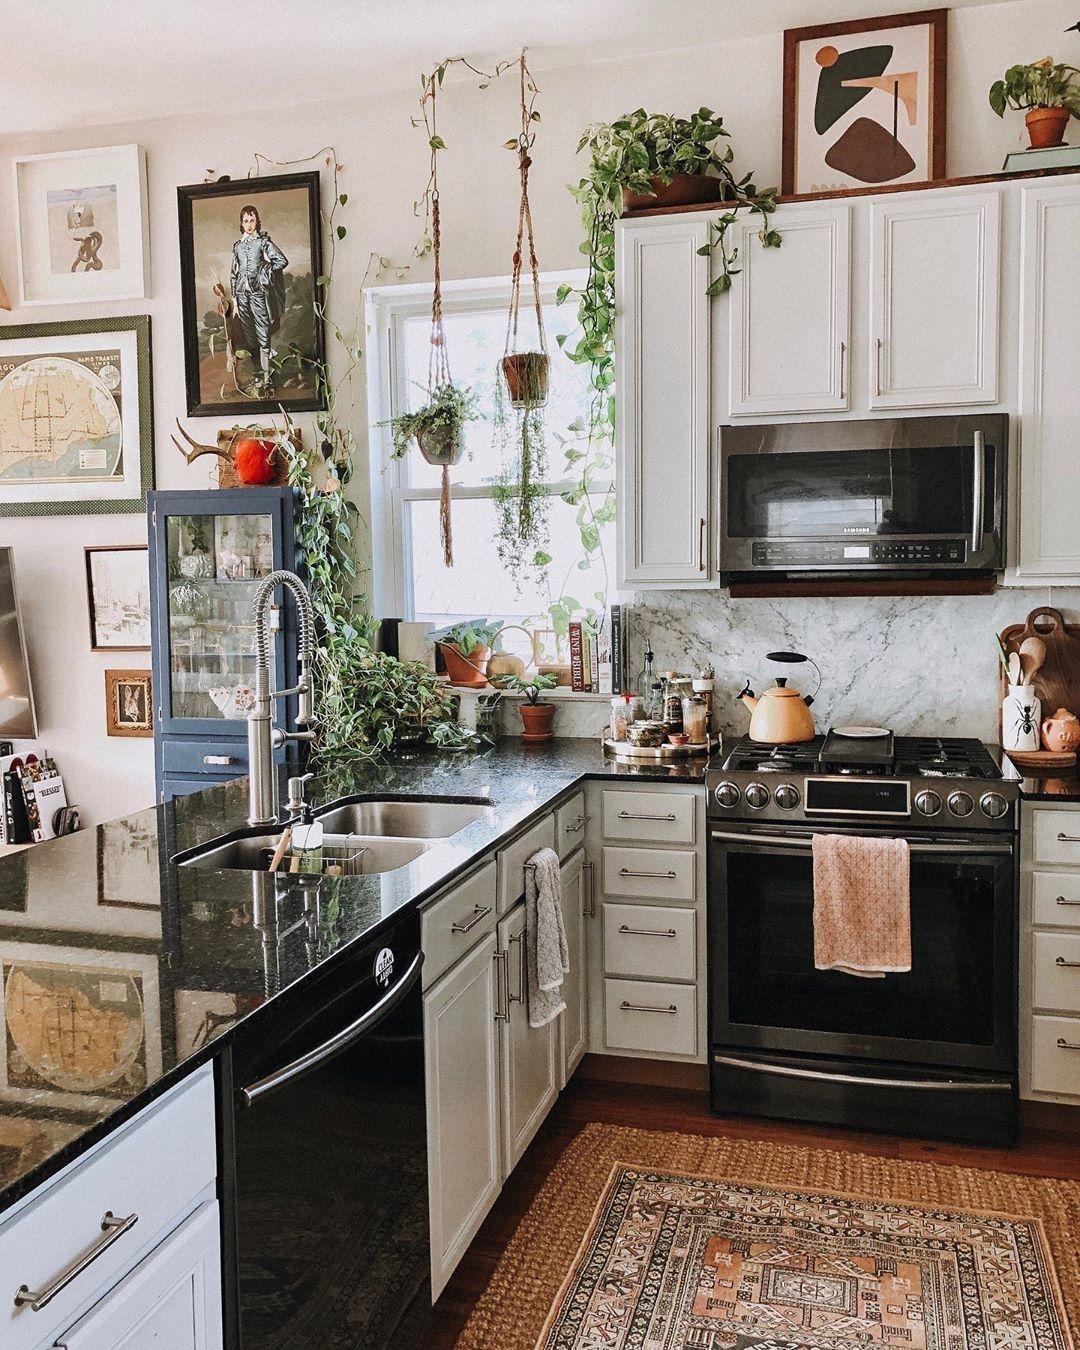 Modern Bohemian Kitchen Designs Home Kitchens Kitchen Interior